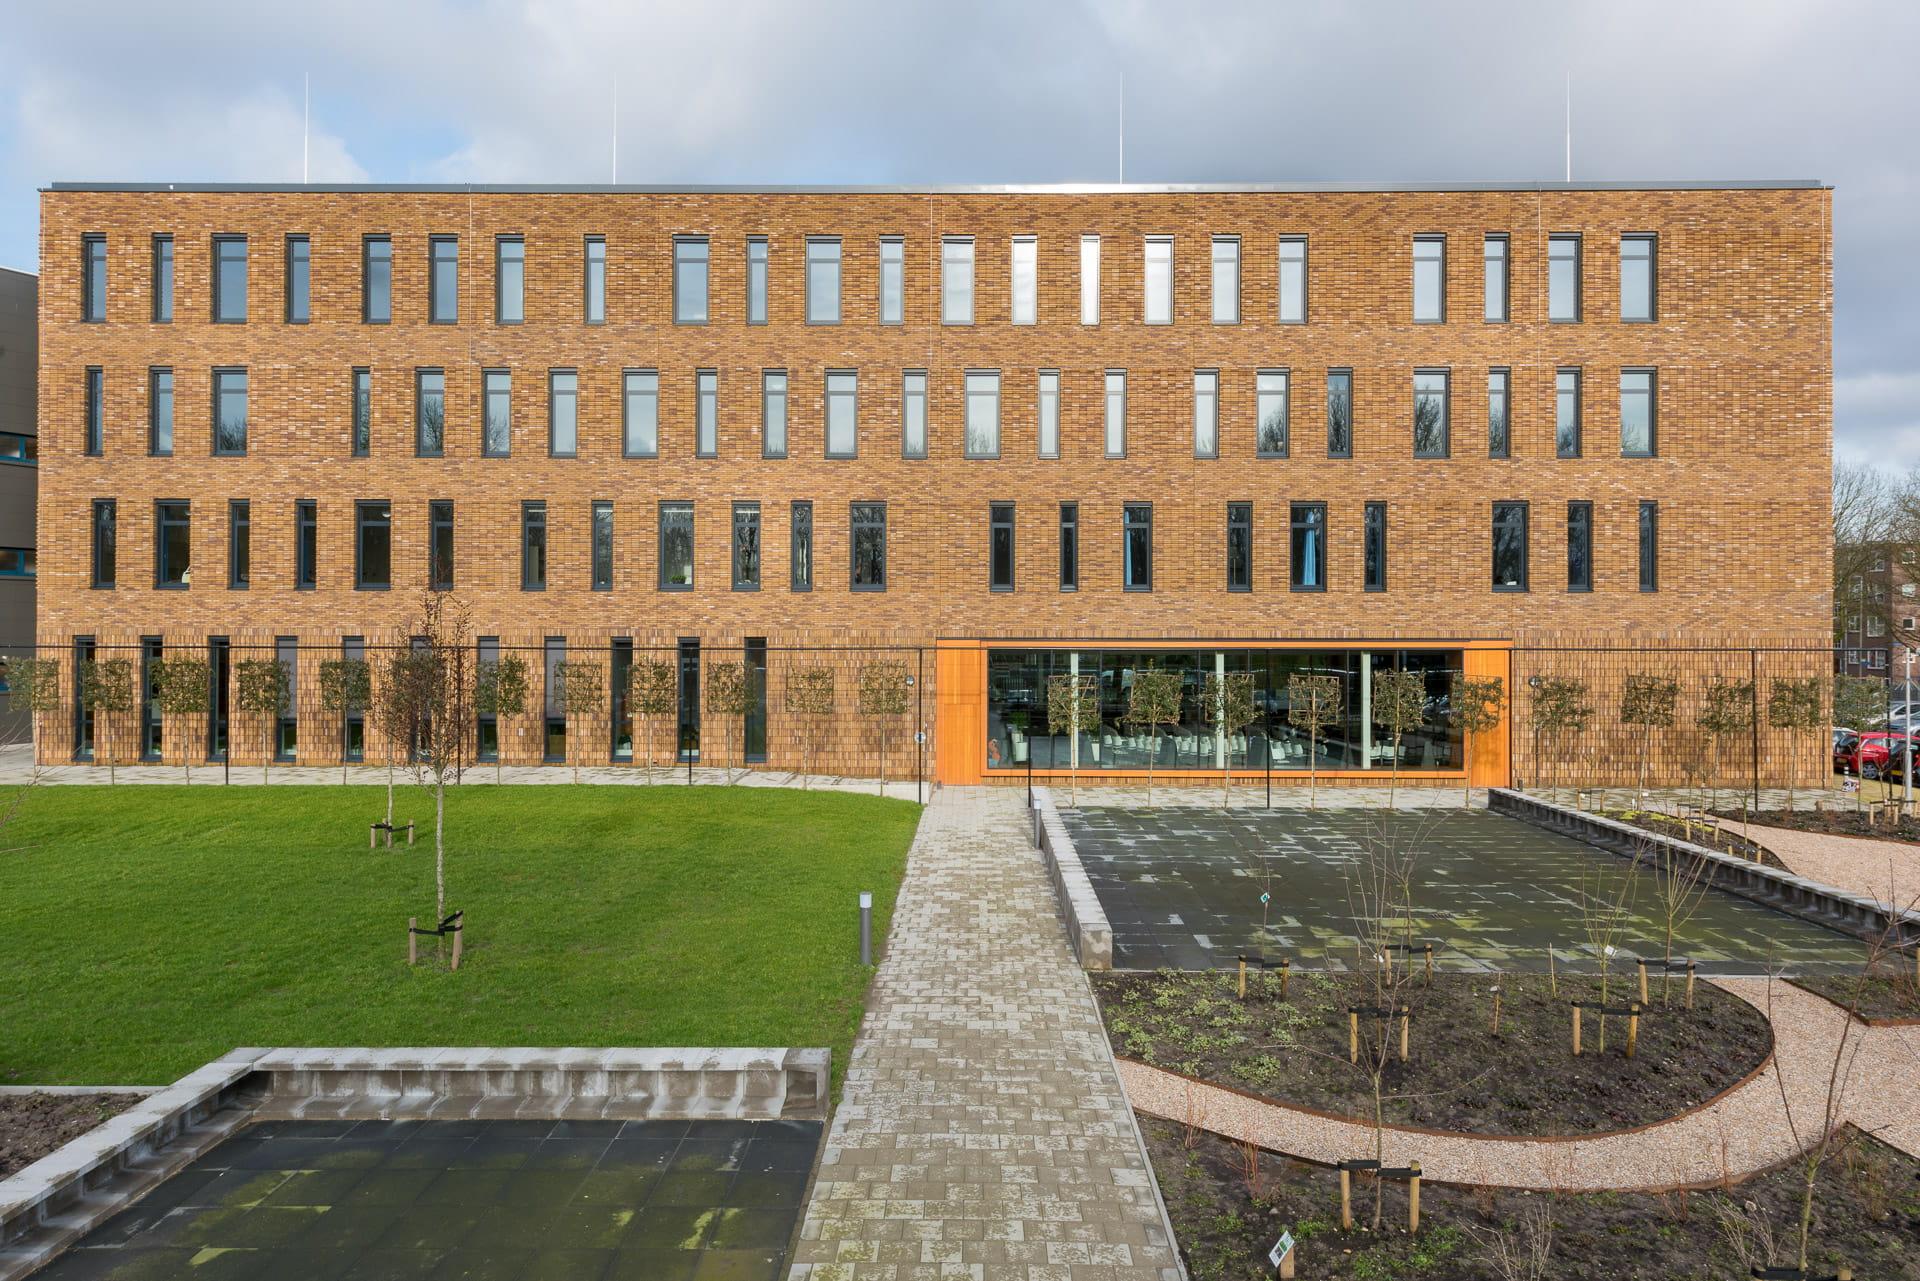 Vooraanzicht van Hoornbeeck College Rotterdam met ramen en vlakken, oranje element in de gevel en tuin op de voorgrond